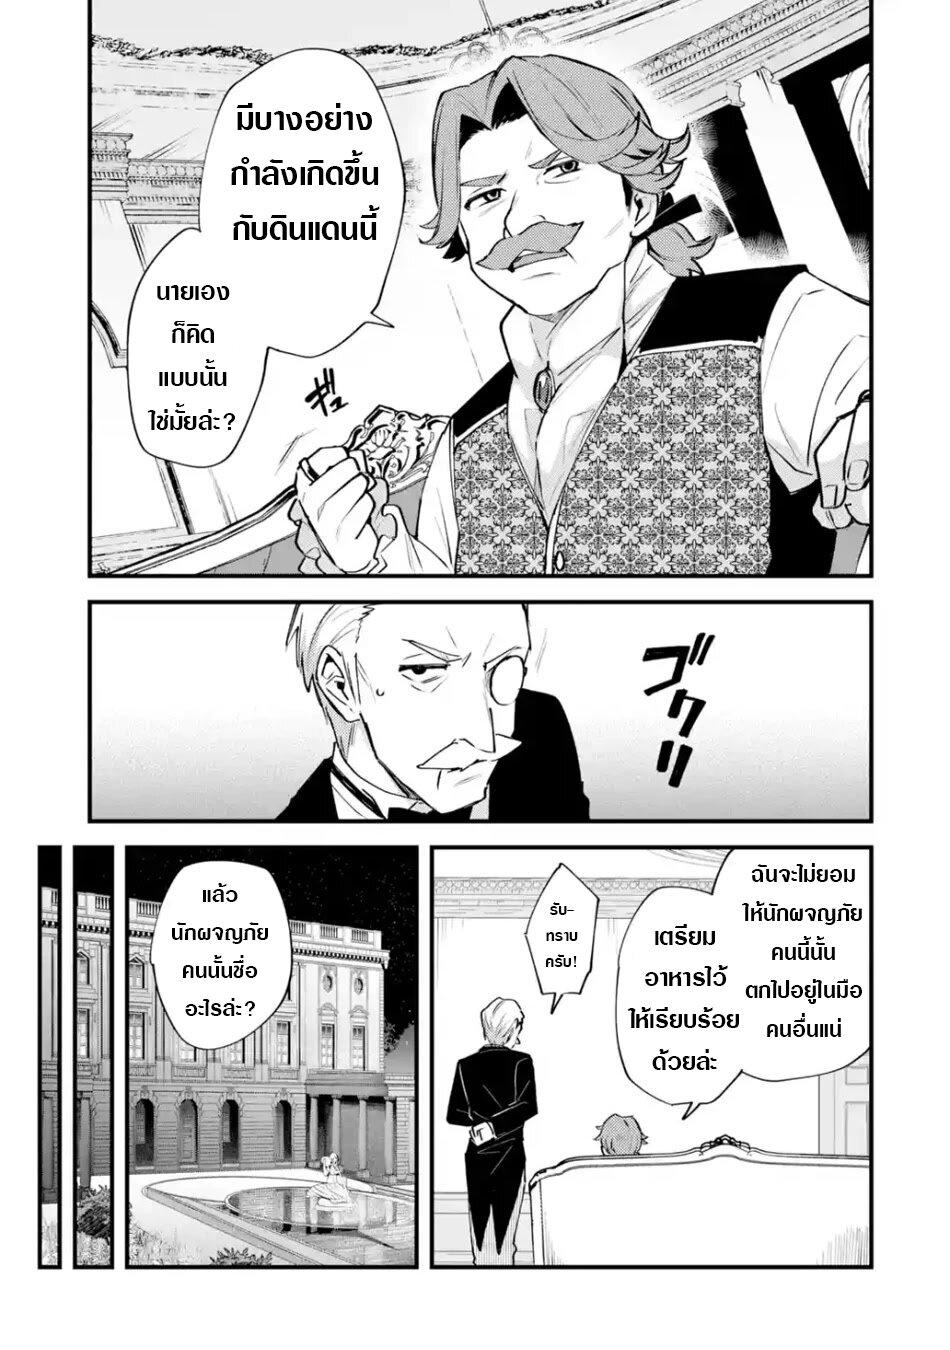 อ่านการ์ตูน Nido Tensei Shita Shounen wa S Rank Boukensha Toshite Heion ni Sugosu-zense ga kenja de eiyuu datta boku wa raisede wa jimini ikiru ตอนที่ 9 หน้าที่ 20